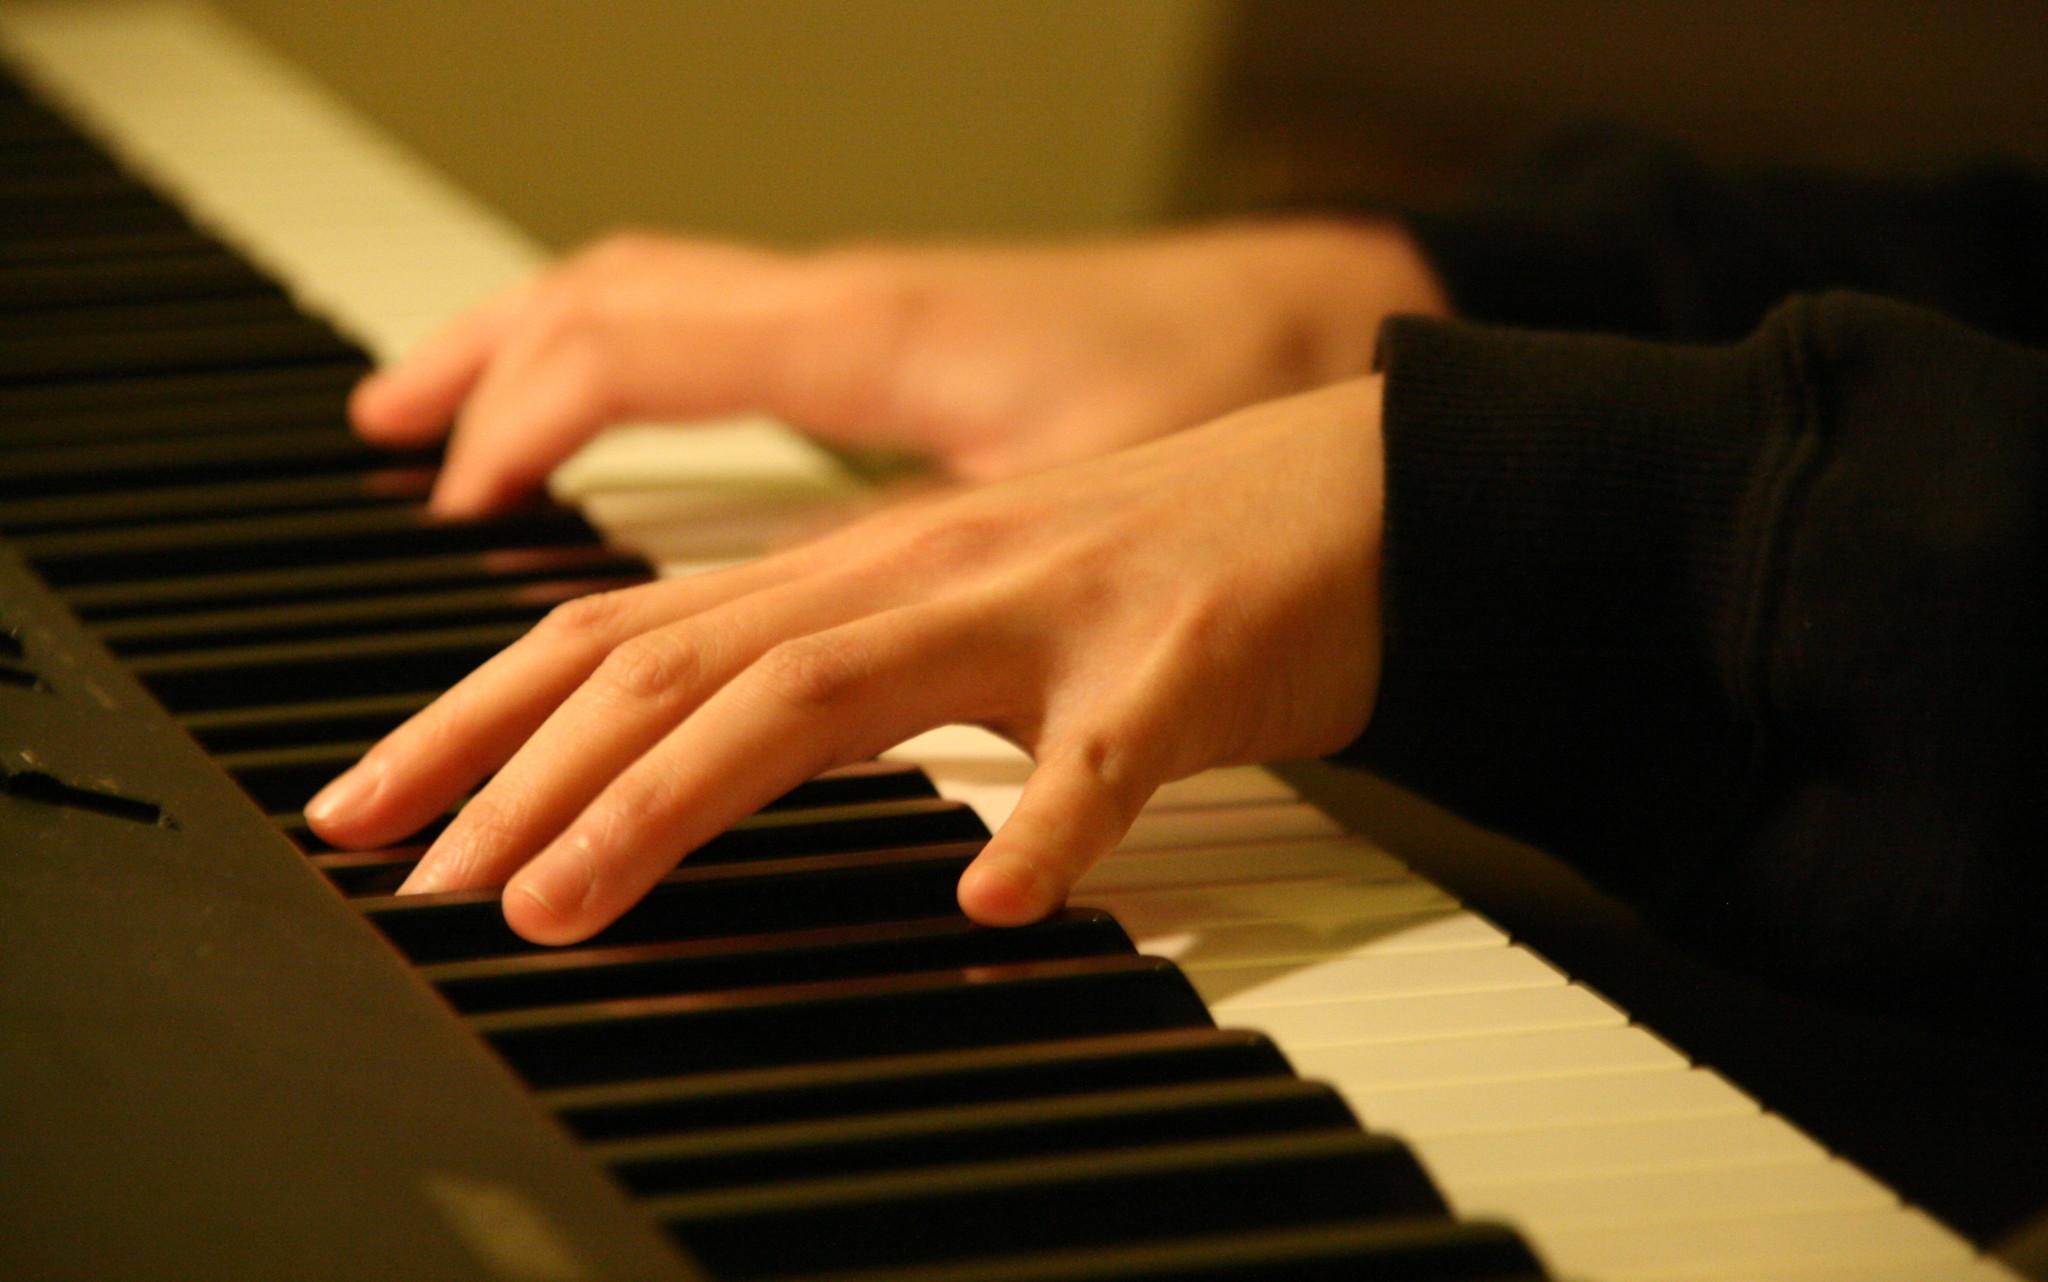 Mâini peste clapele pianului